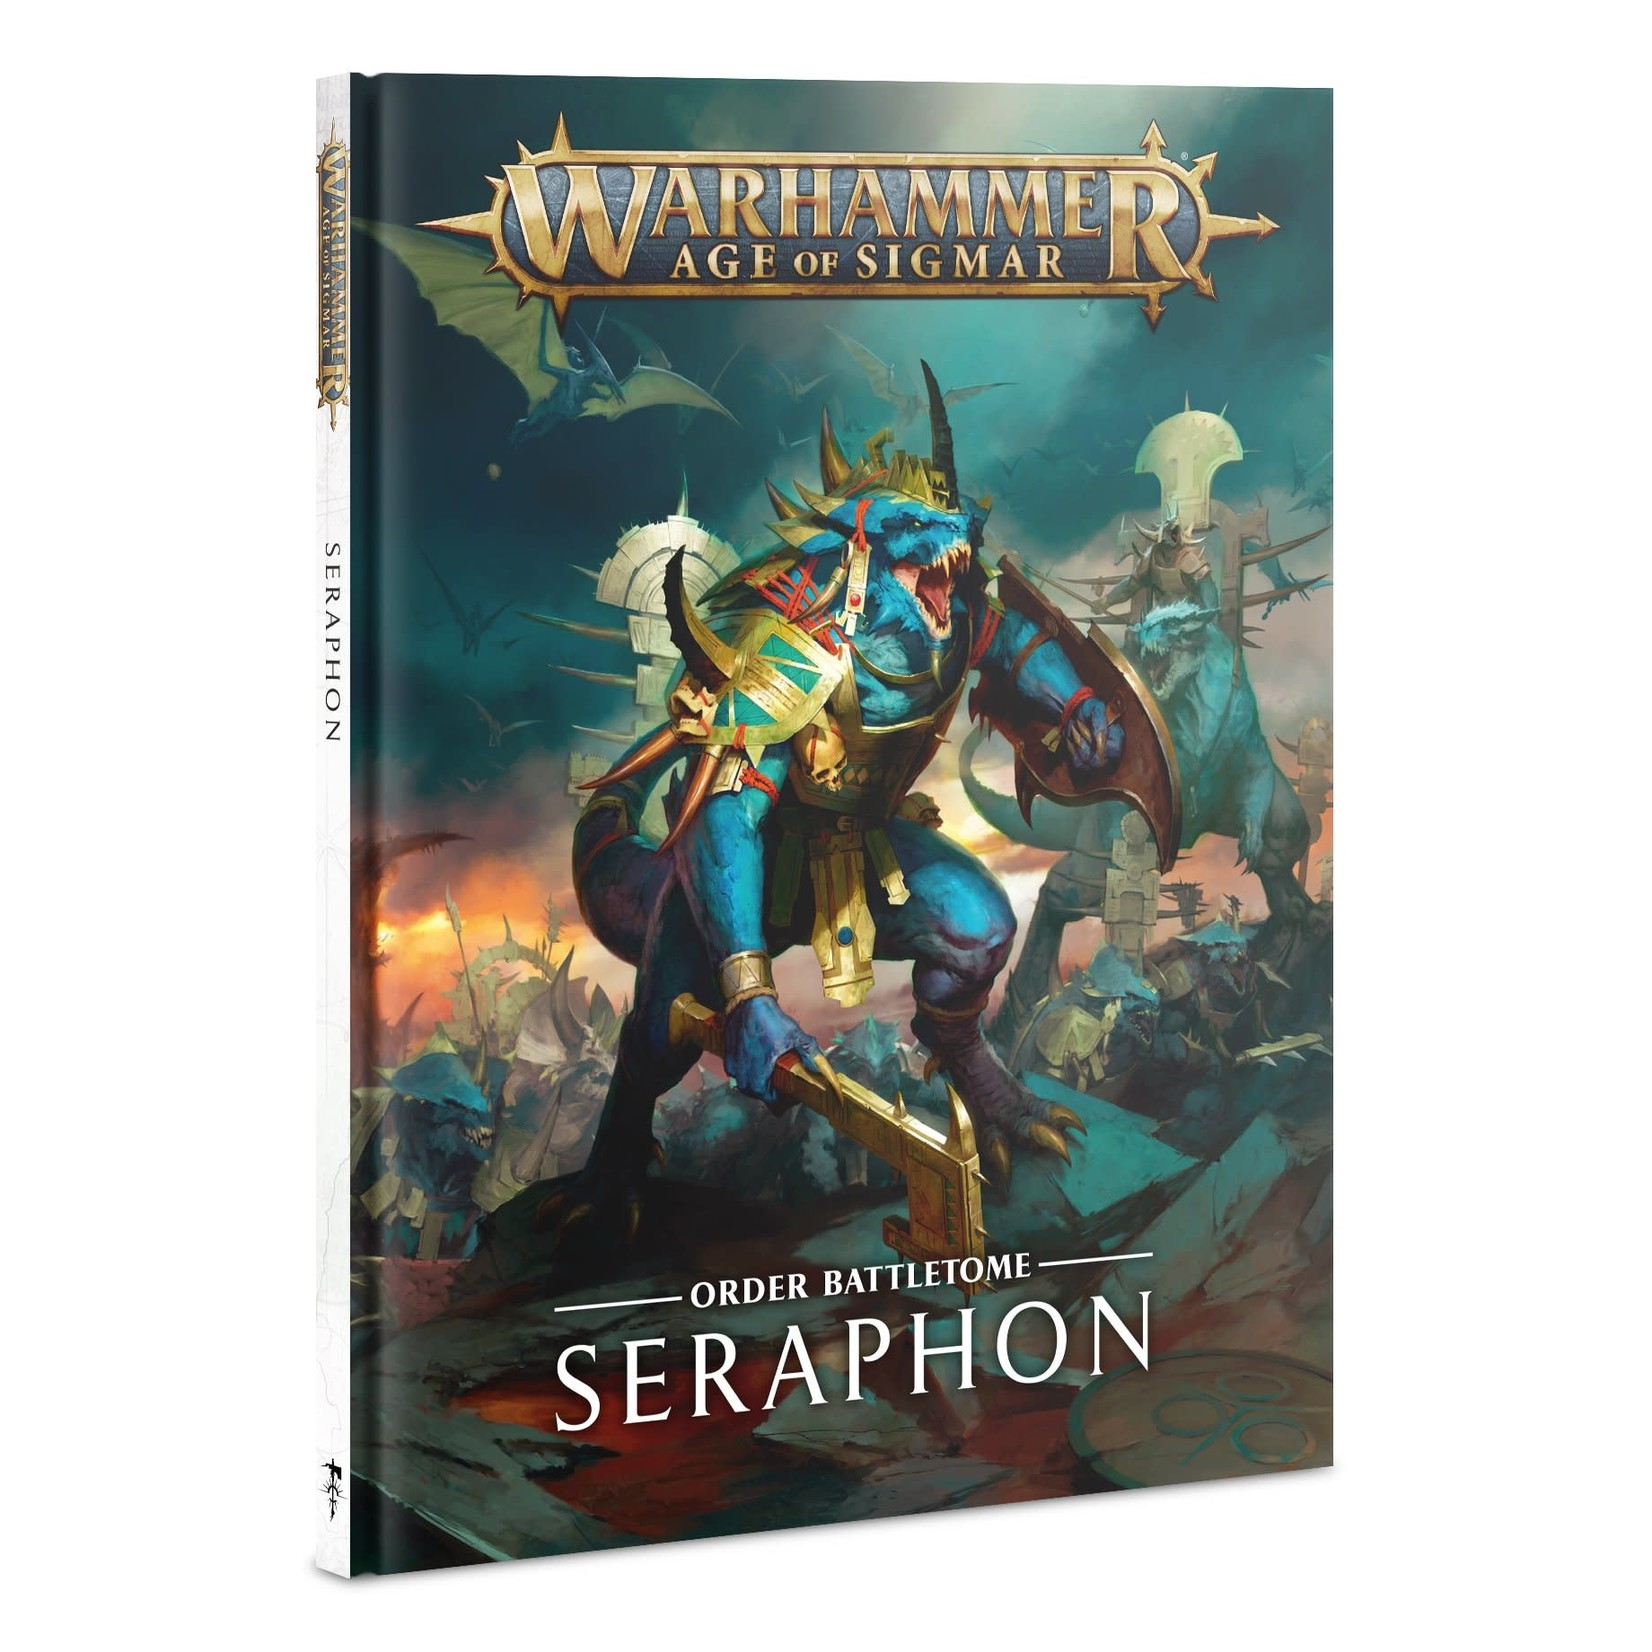 Games Workshop Battletome: Seraphon